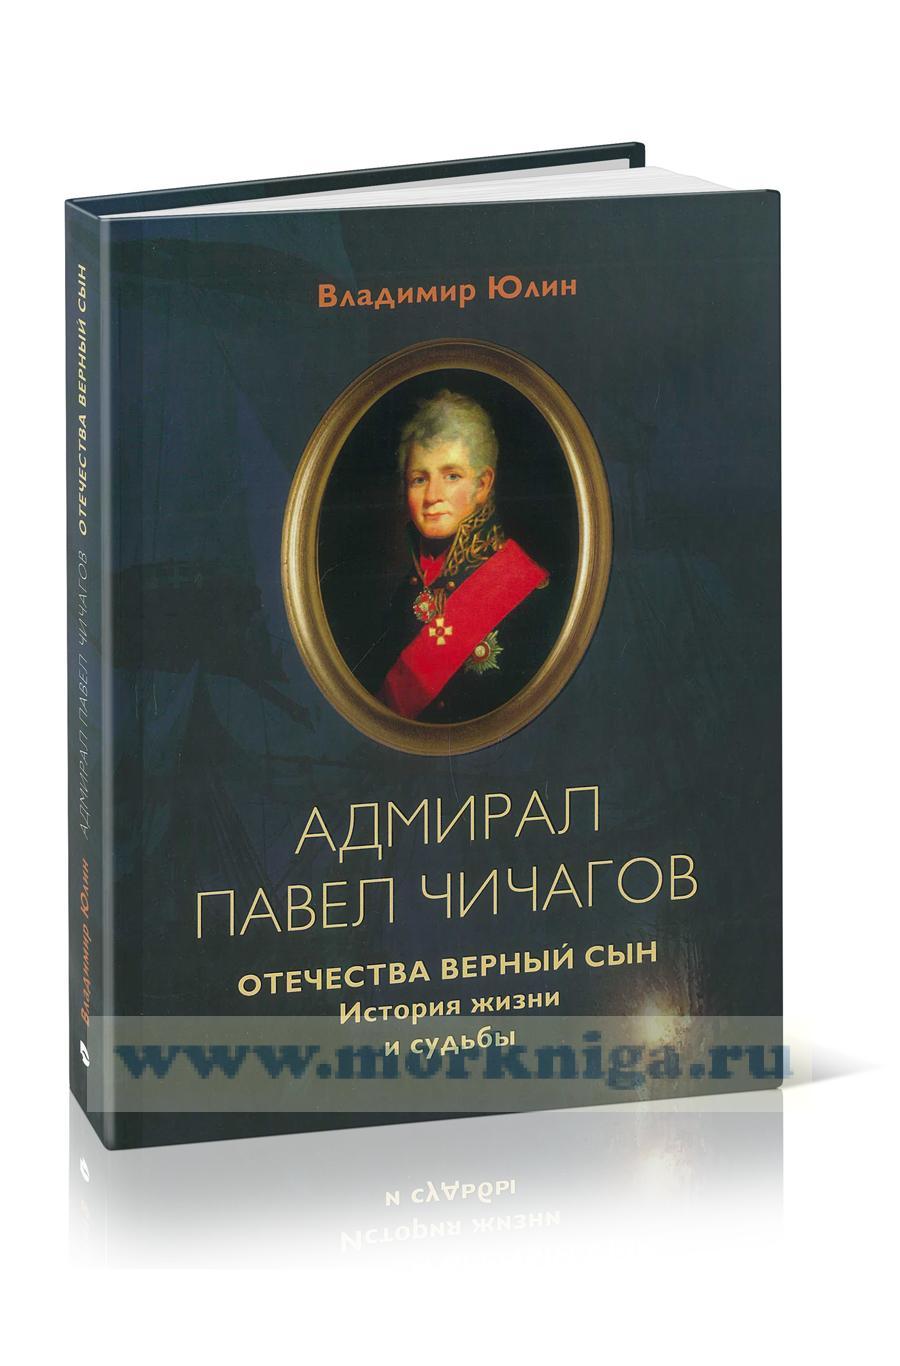 Адмирал Павел Чичагов. Отечества верный сын: история жизни и судьбы